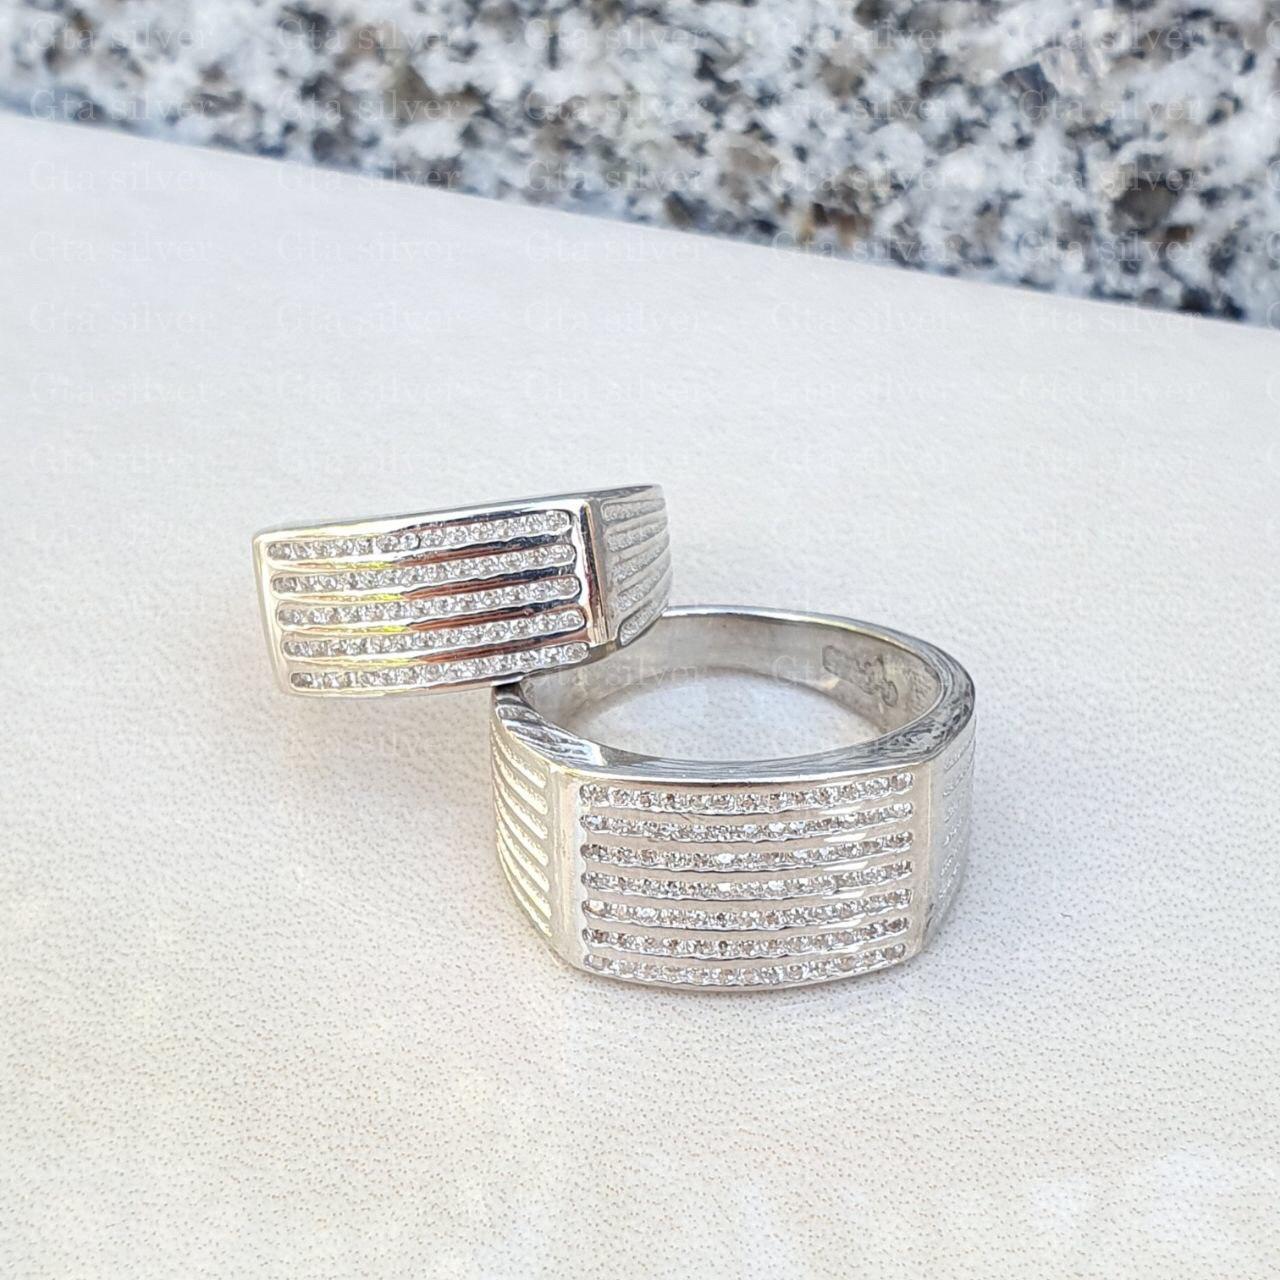 ست حلقه ازدواج وزن 10.5 گرم مدل 49